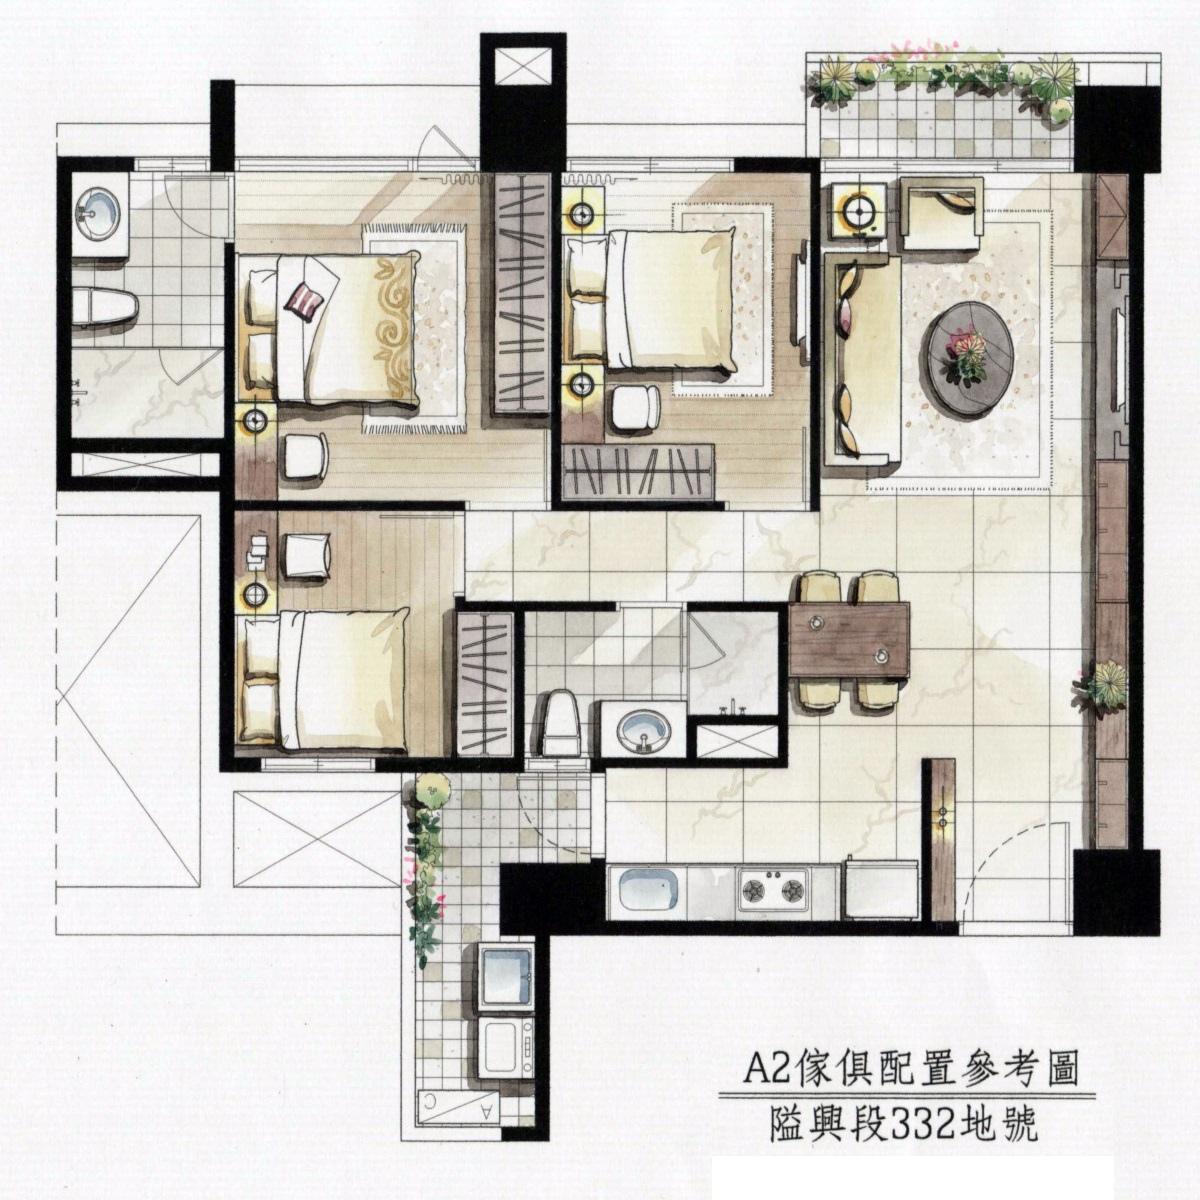 [竹北高鐵] 盛亞建設-富宇愛慕(大樓)2016-03-08 006